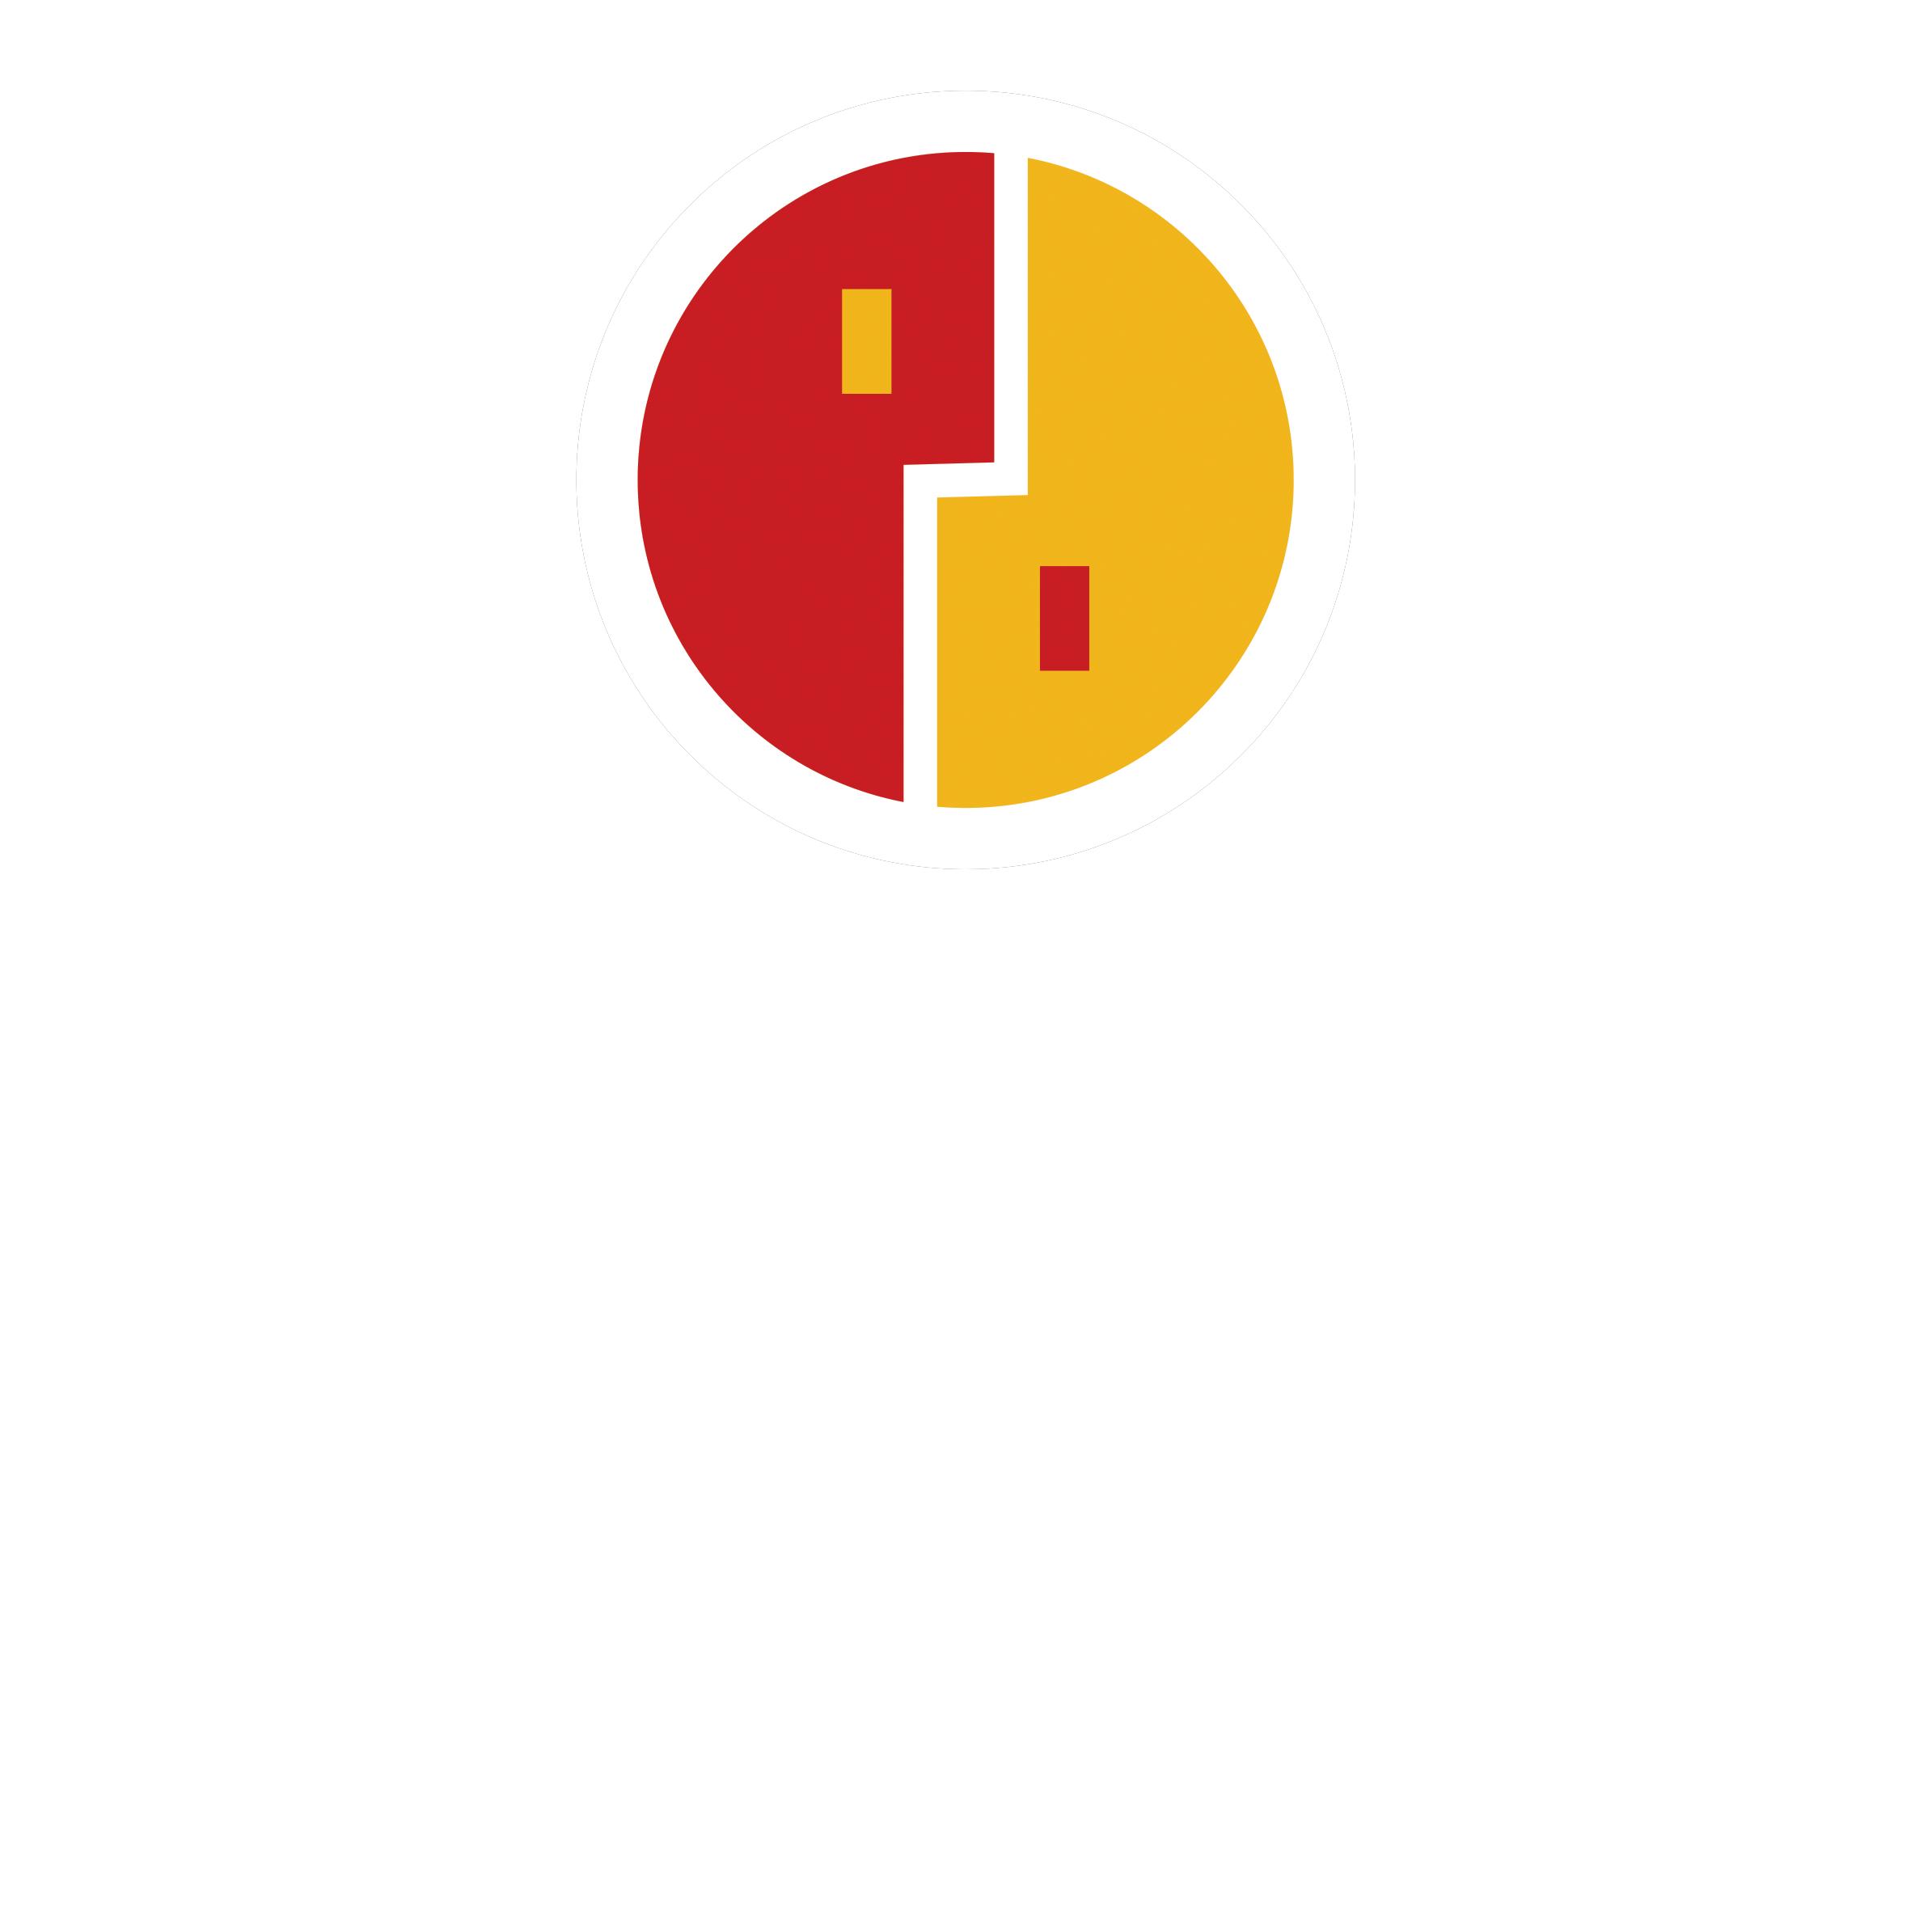 Logotipo Da Uergs Uergs Universidade Estadual Do Rio Grande Do Sul